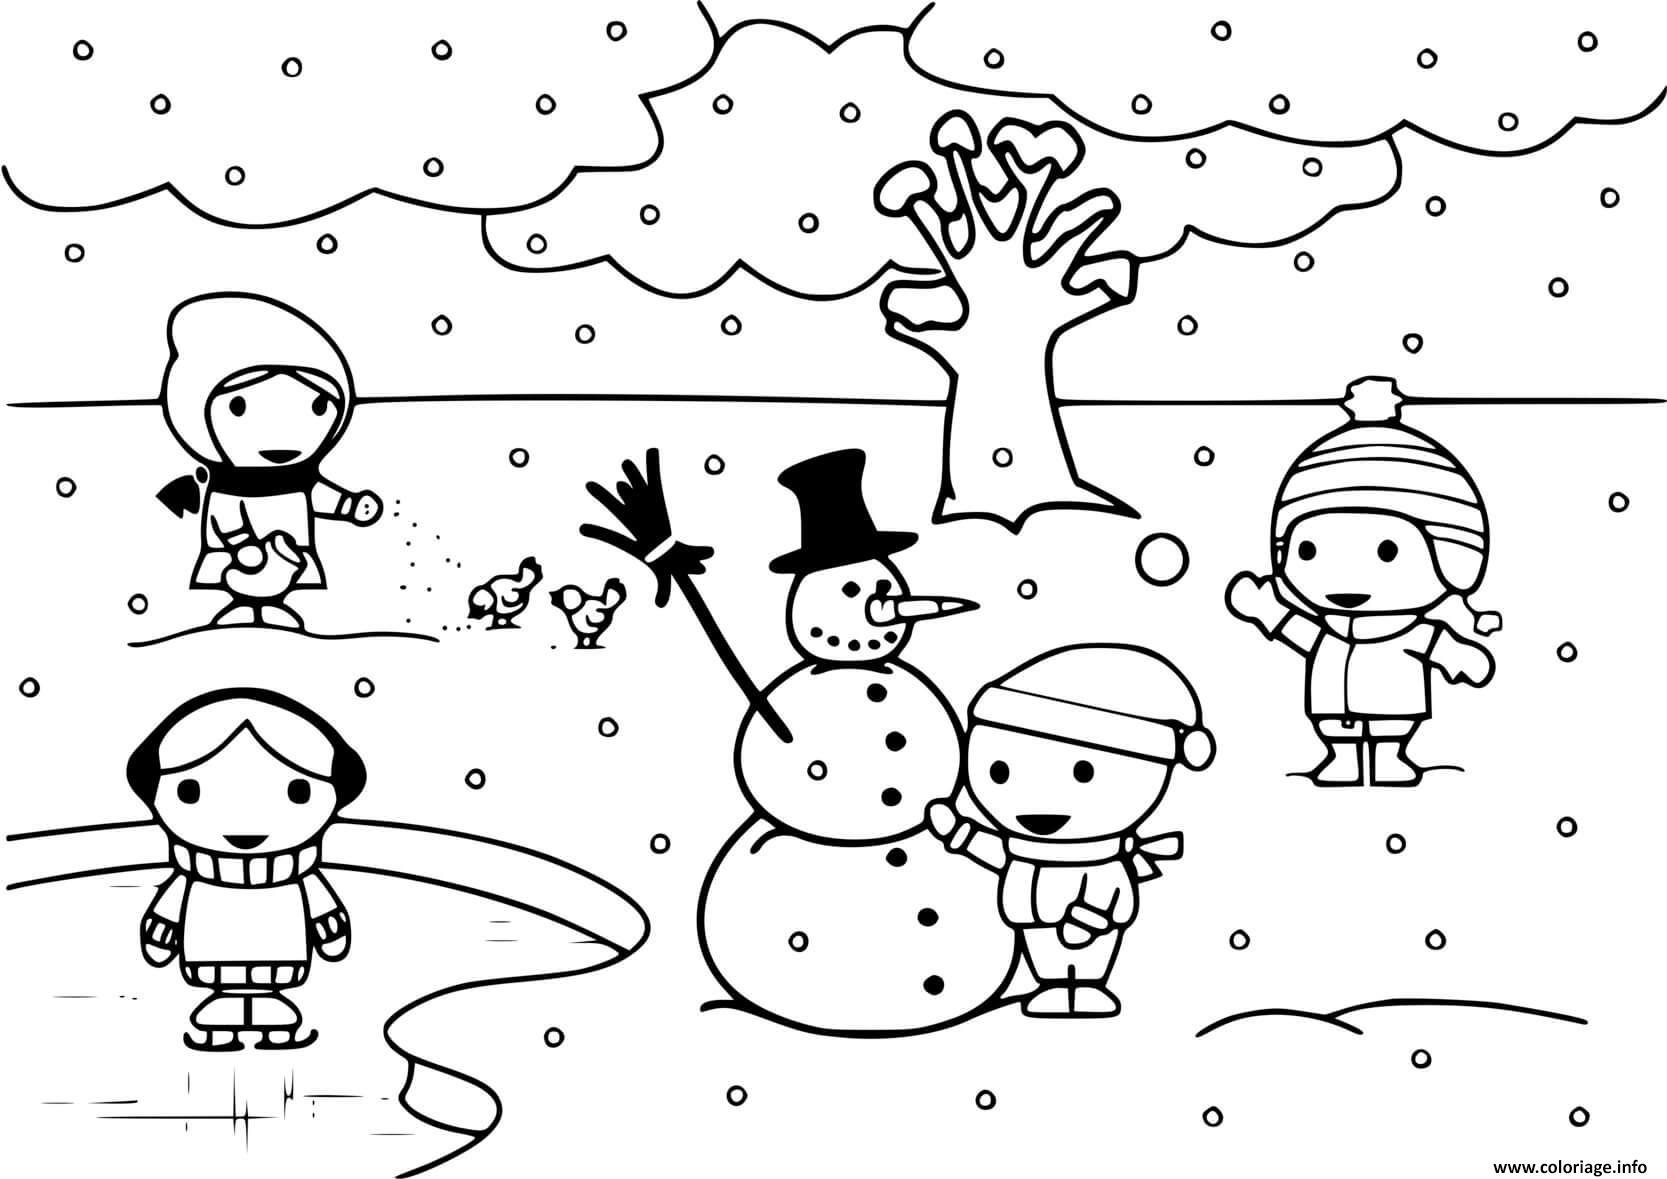 Dessin enfants jouent avec la neige en hiver Coloriage Gratuit à Imprimer